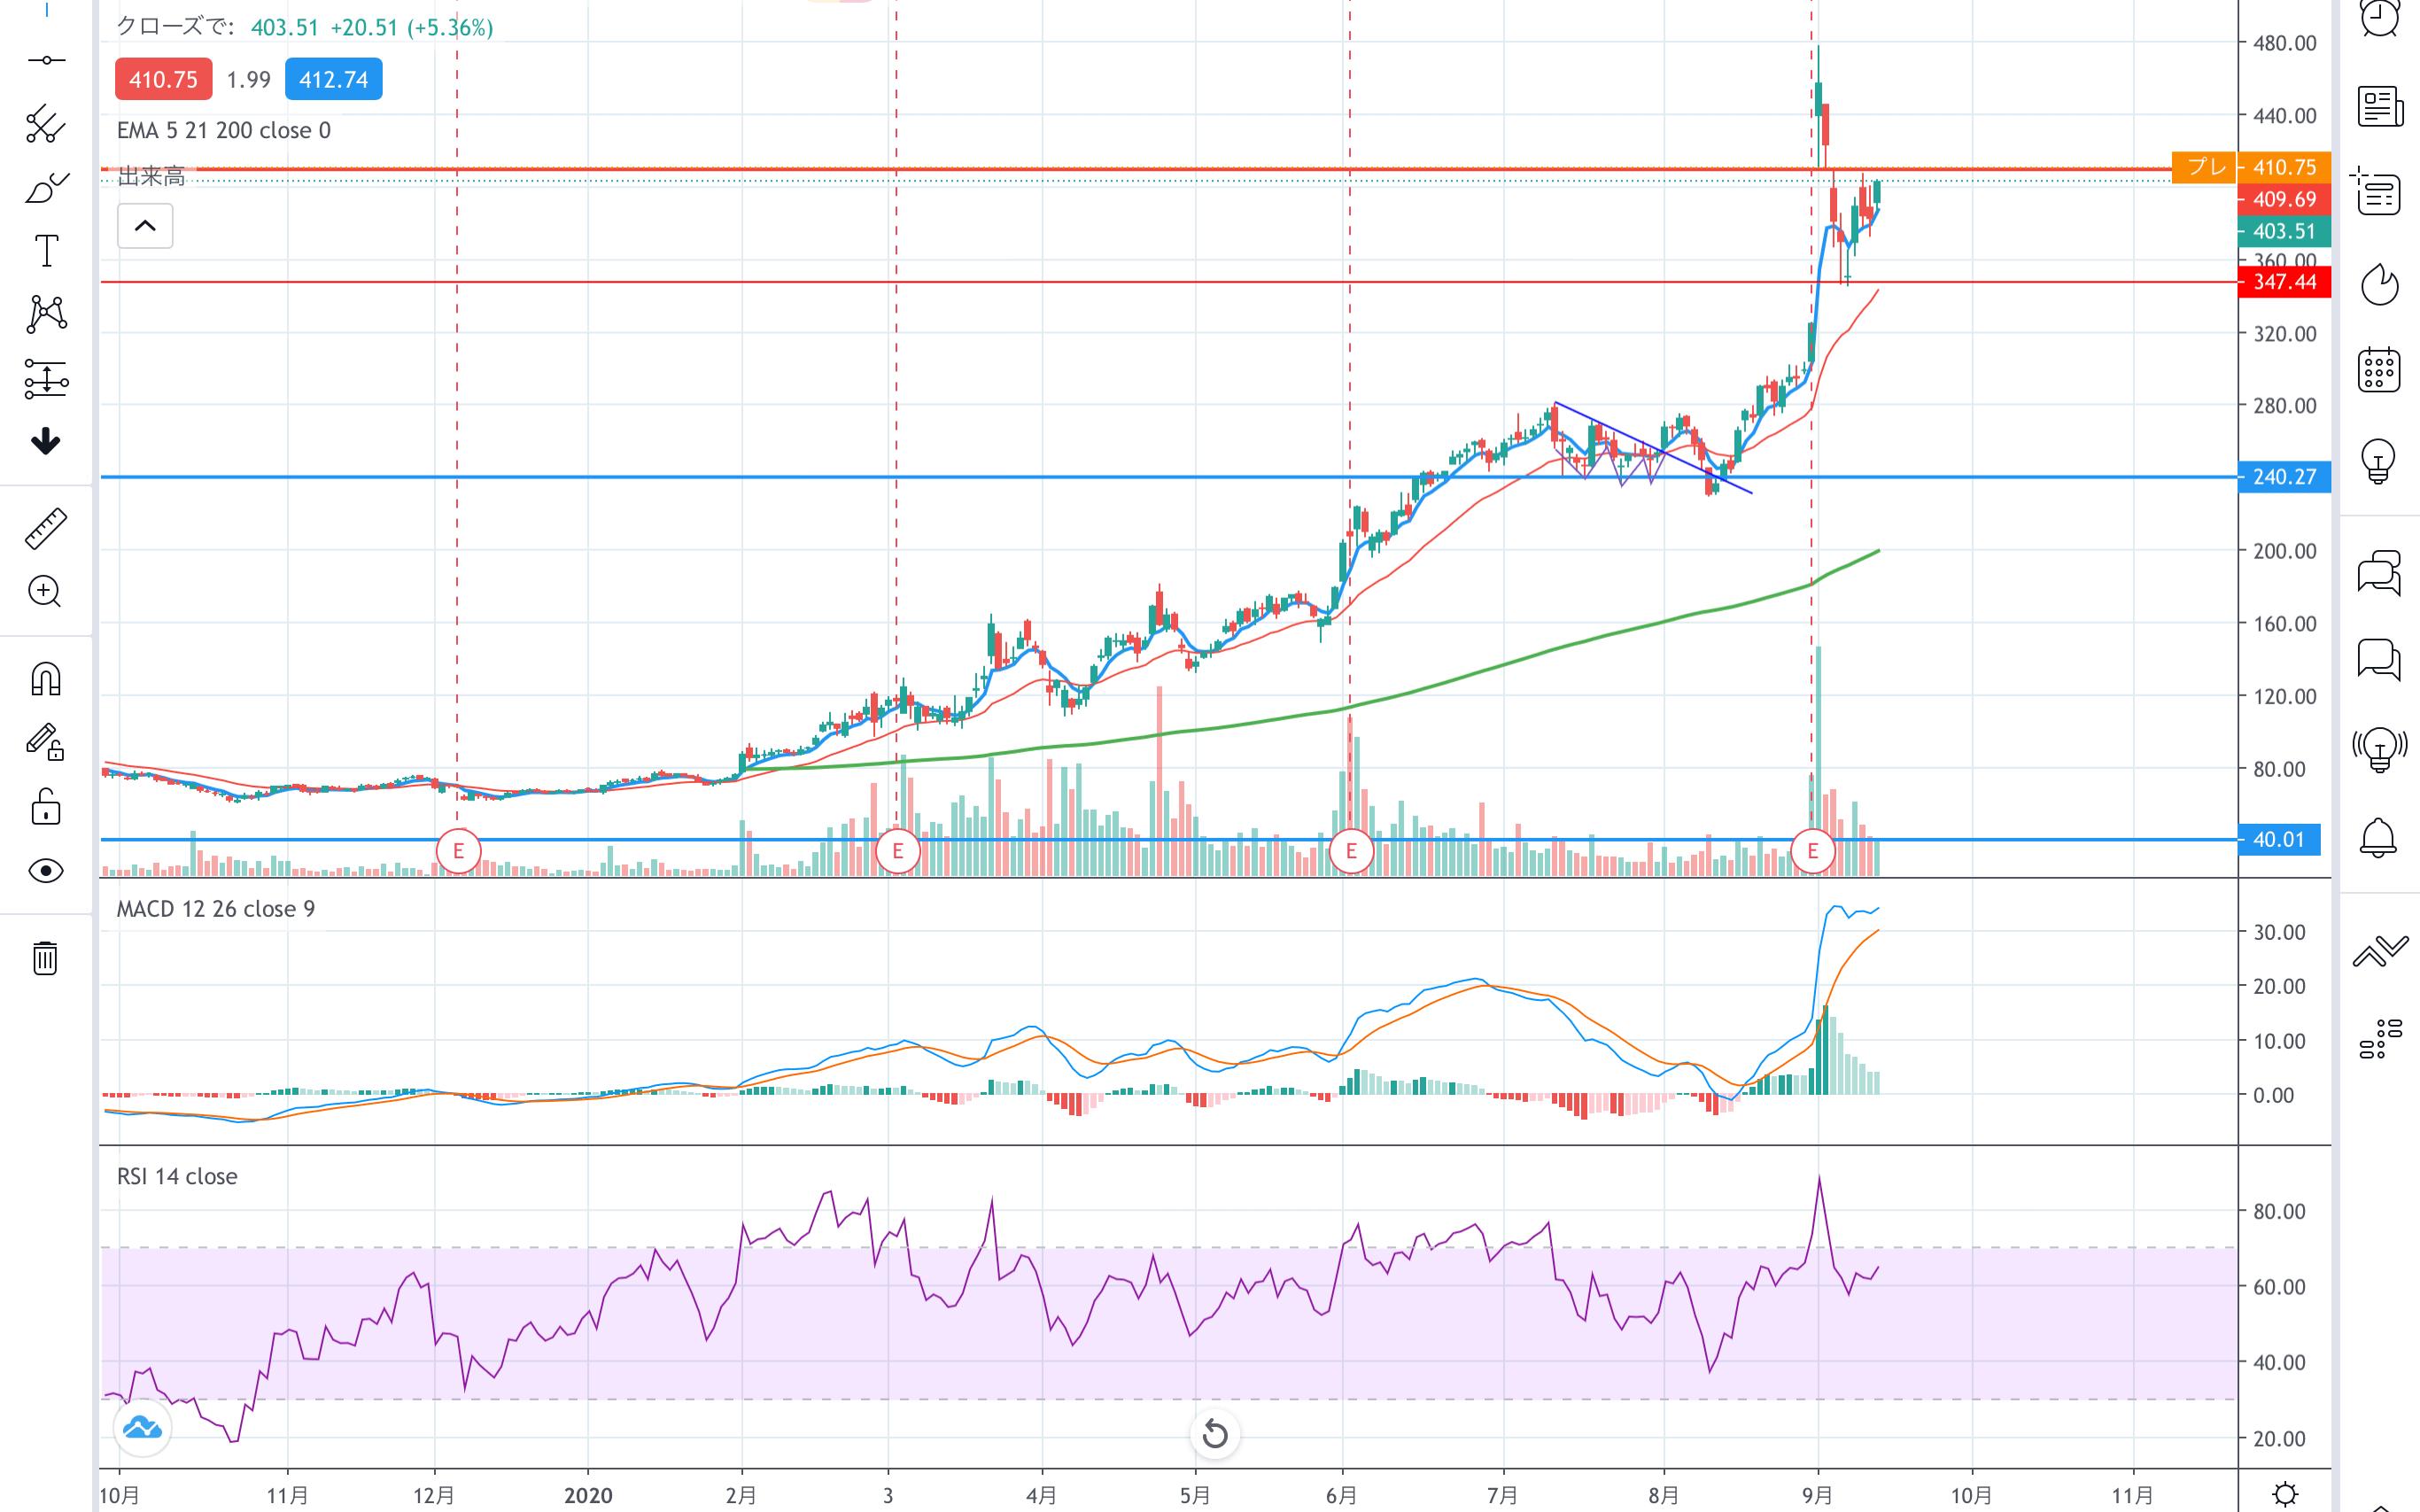 株価 ロイヤリティ ファーマ